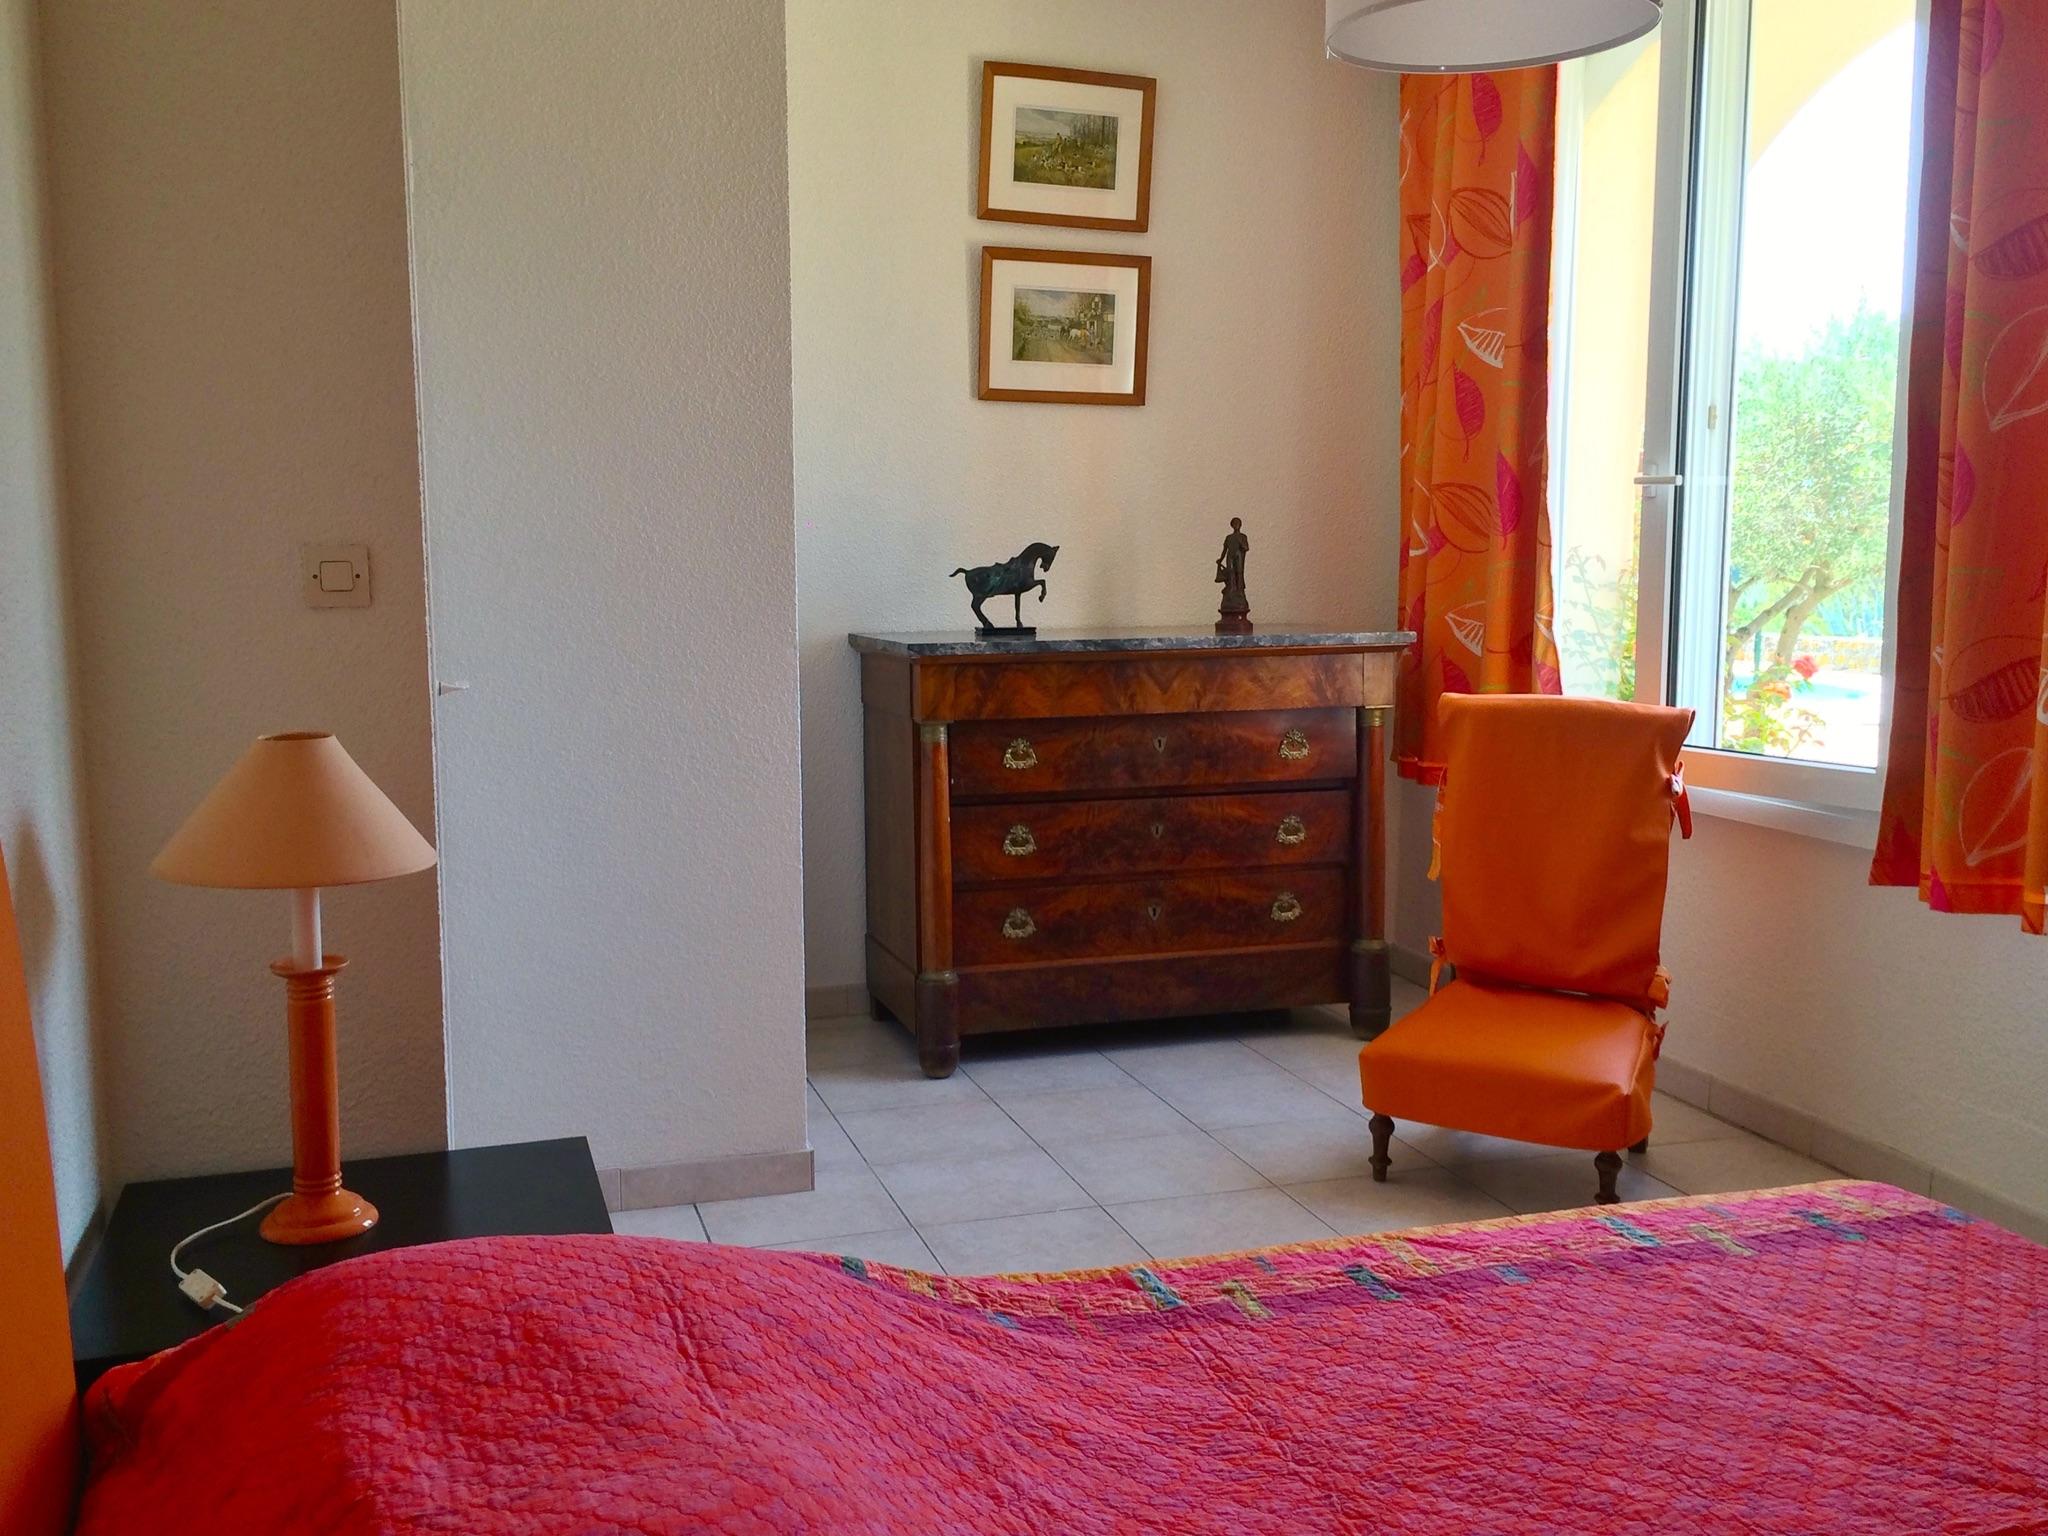 Ferienhaus Charaktervolles Haus in Hérault mit Pool und Garten (2201003), Portiragnes, Mittelmeerküste Hérault, Languedoc-Roussillon, Frankreich, Bild 13